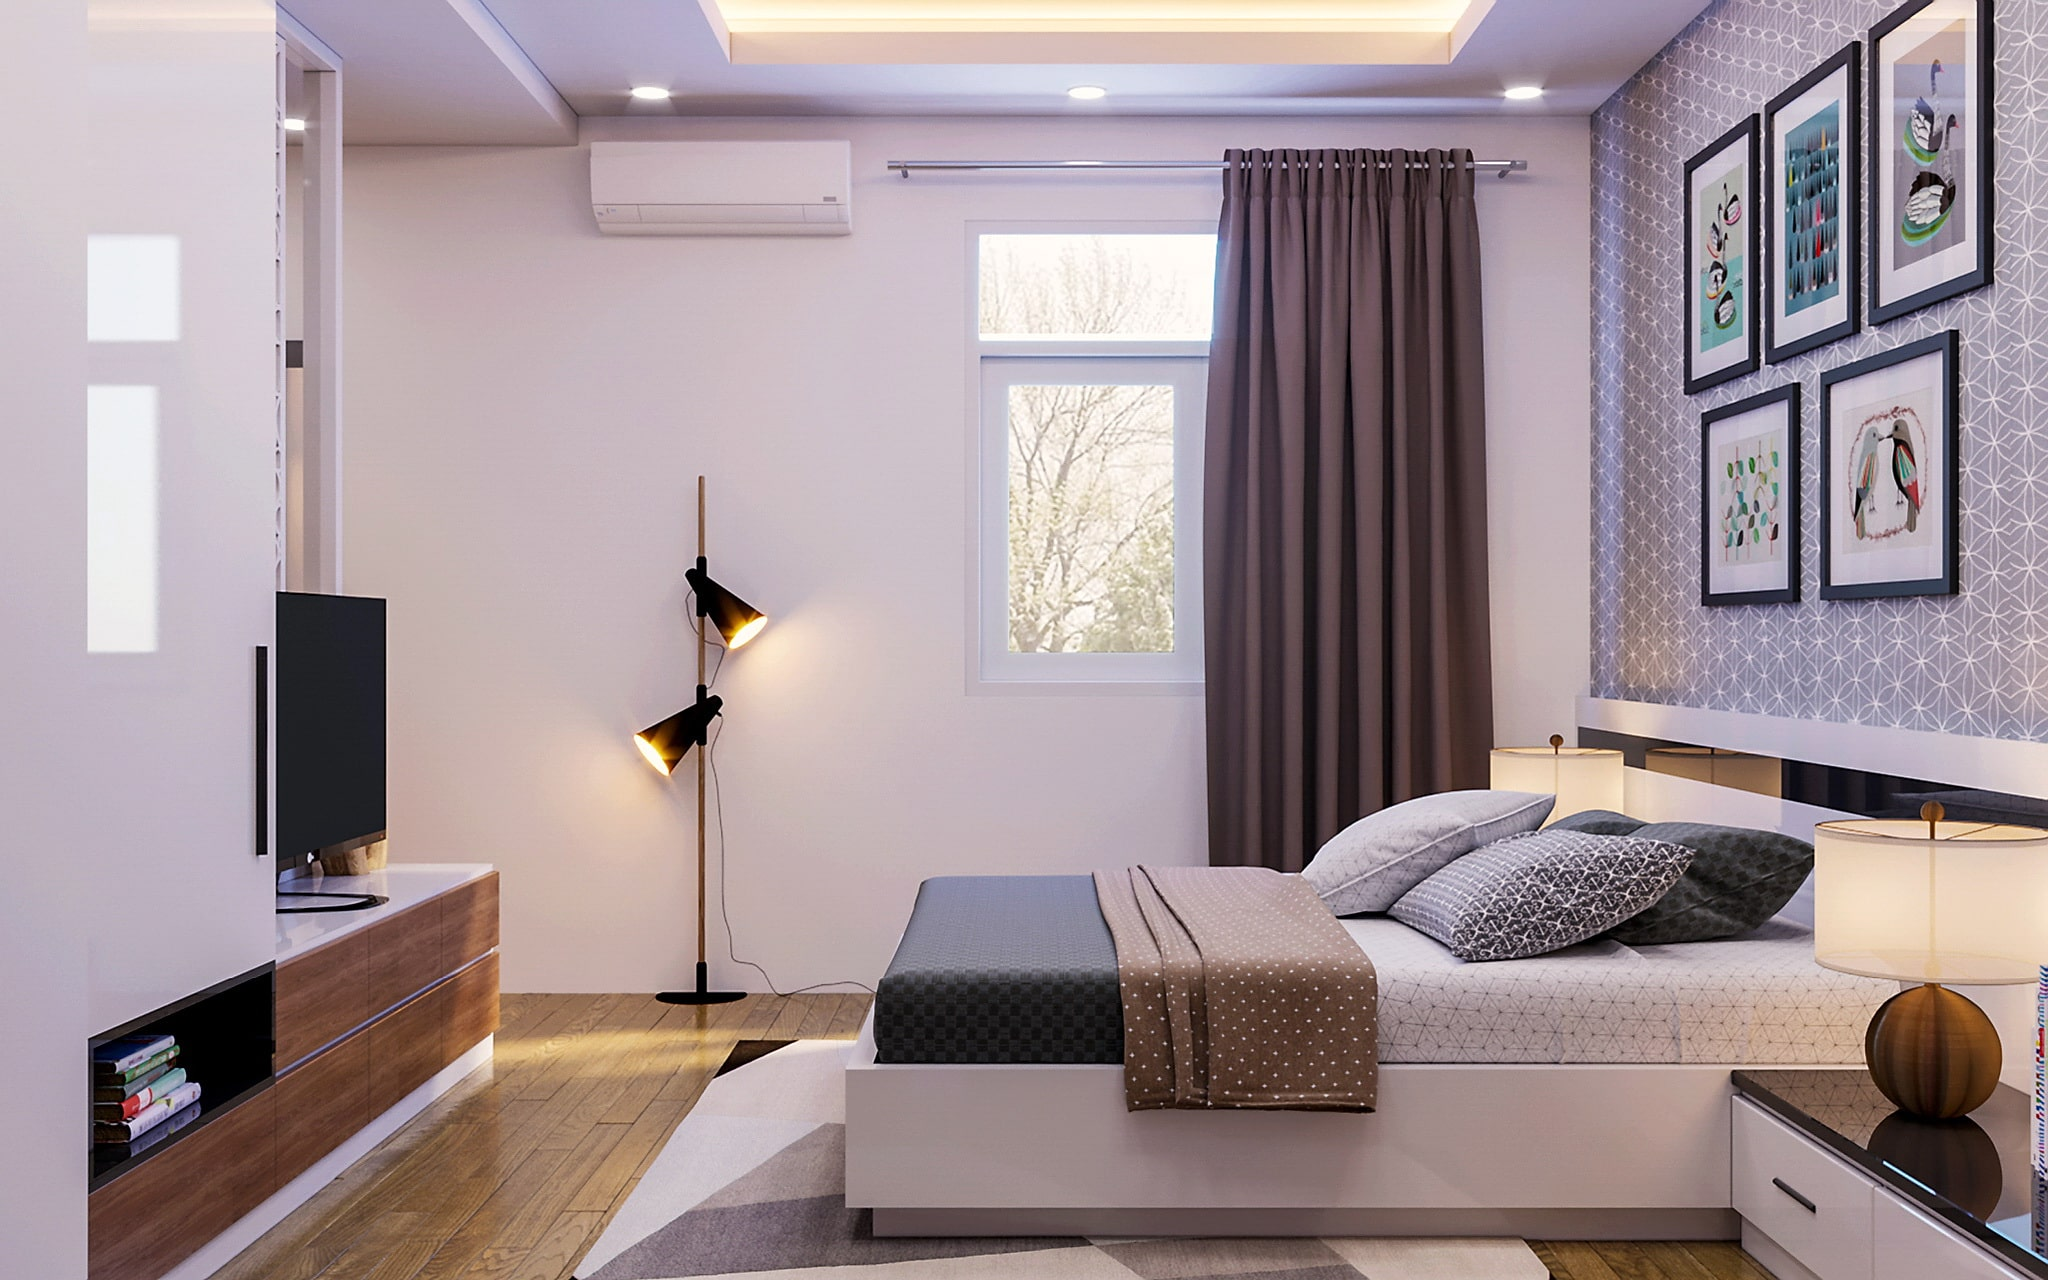 sử dụng đèn led âm trần tán quang cho phòng ngủ